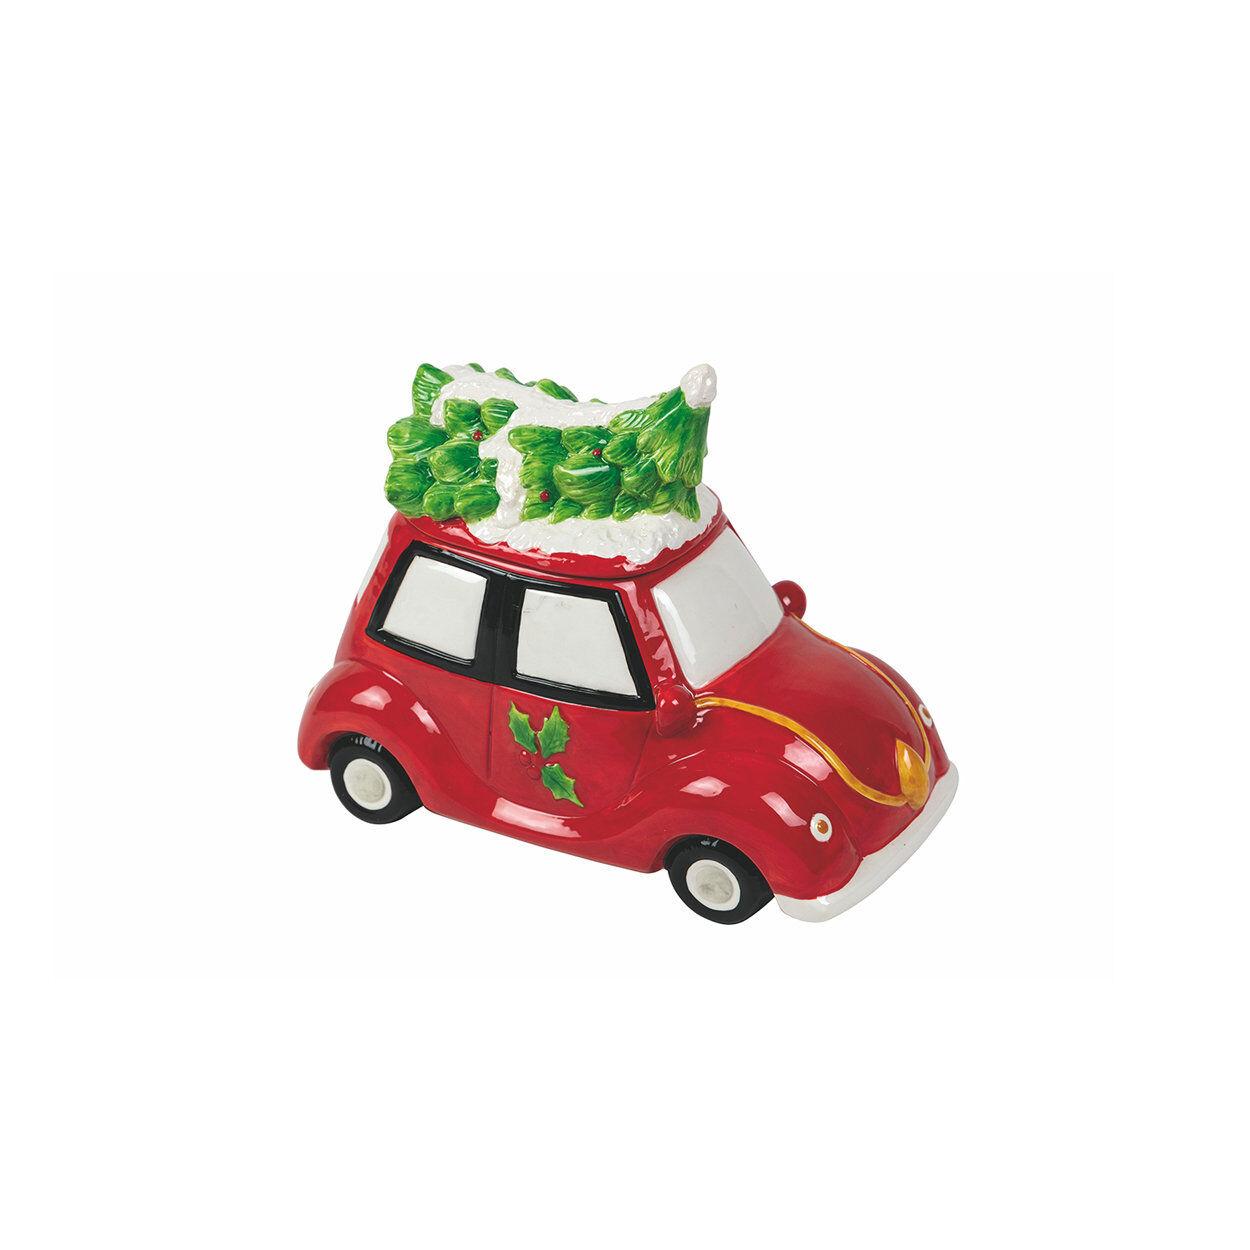 La tavola di Natale Scatola decorativa macchina TRADITIONAL CHRISTMAS, rosso/verde/bianco